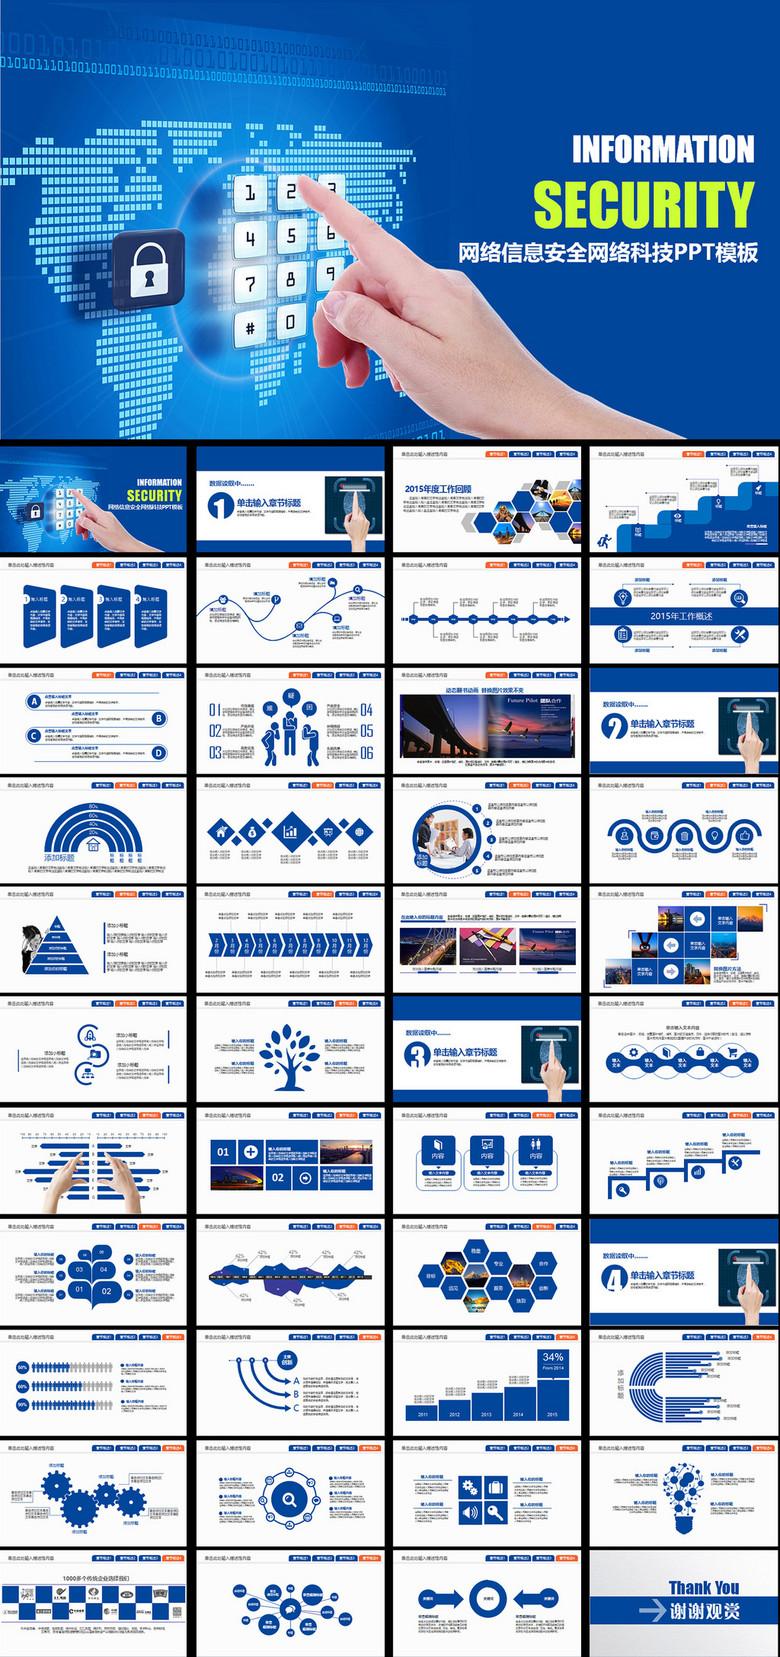 蓝色科技网络信息安全手指触摸PPT模板下载 40.81MB 商务PPT大全 商务通用PPT